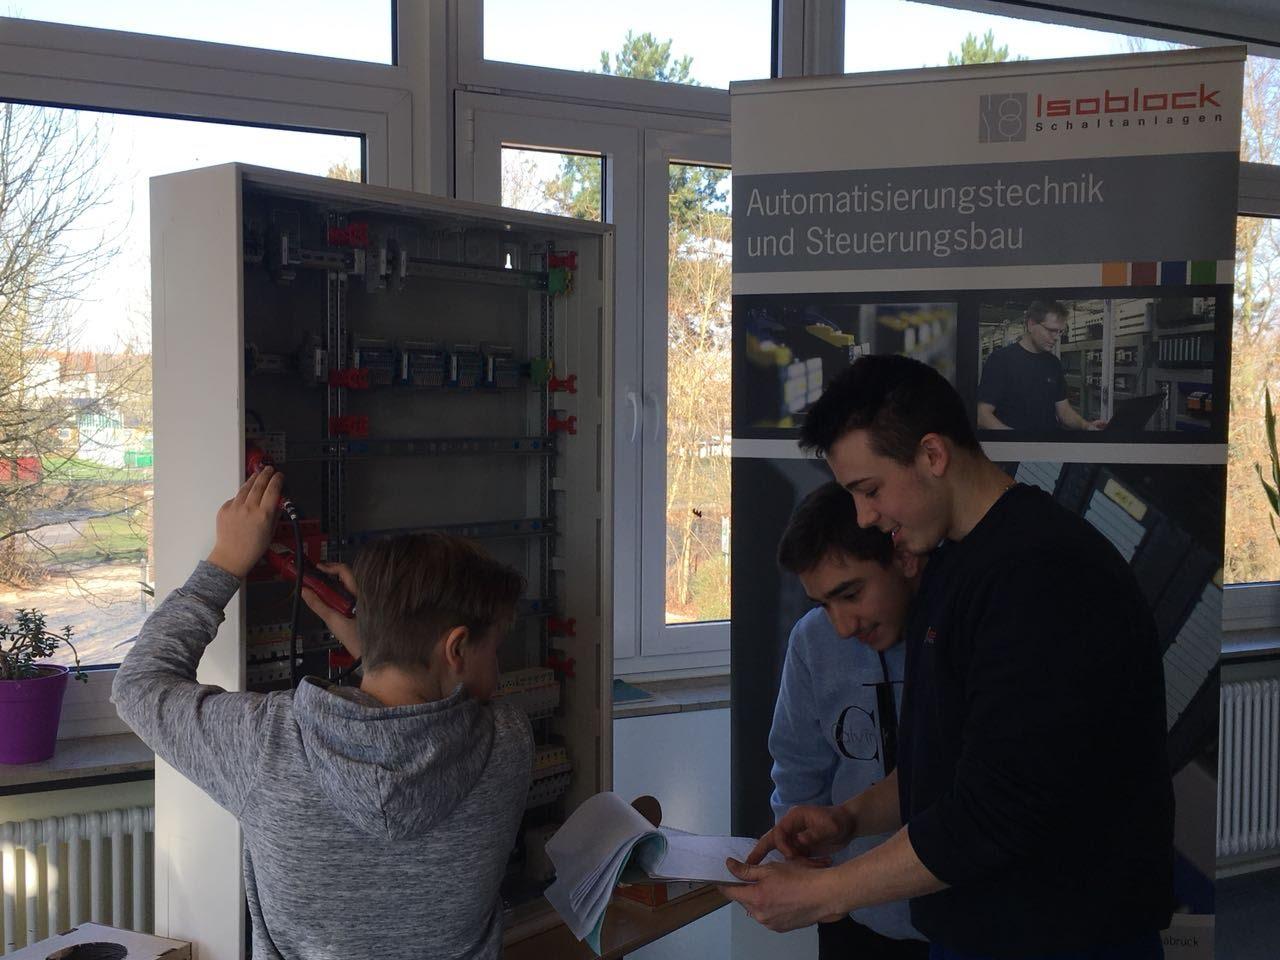 Praktische Beruforientierung in der Erich Maria Remarque Schule Osnabrück Elektroniker Fachrichtung Energie und Gebäudetechnik